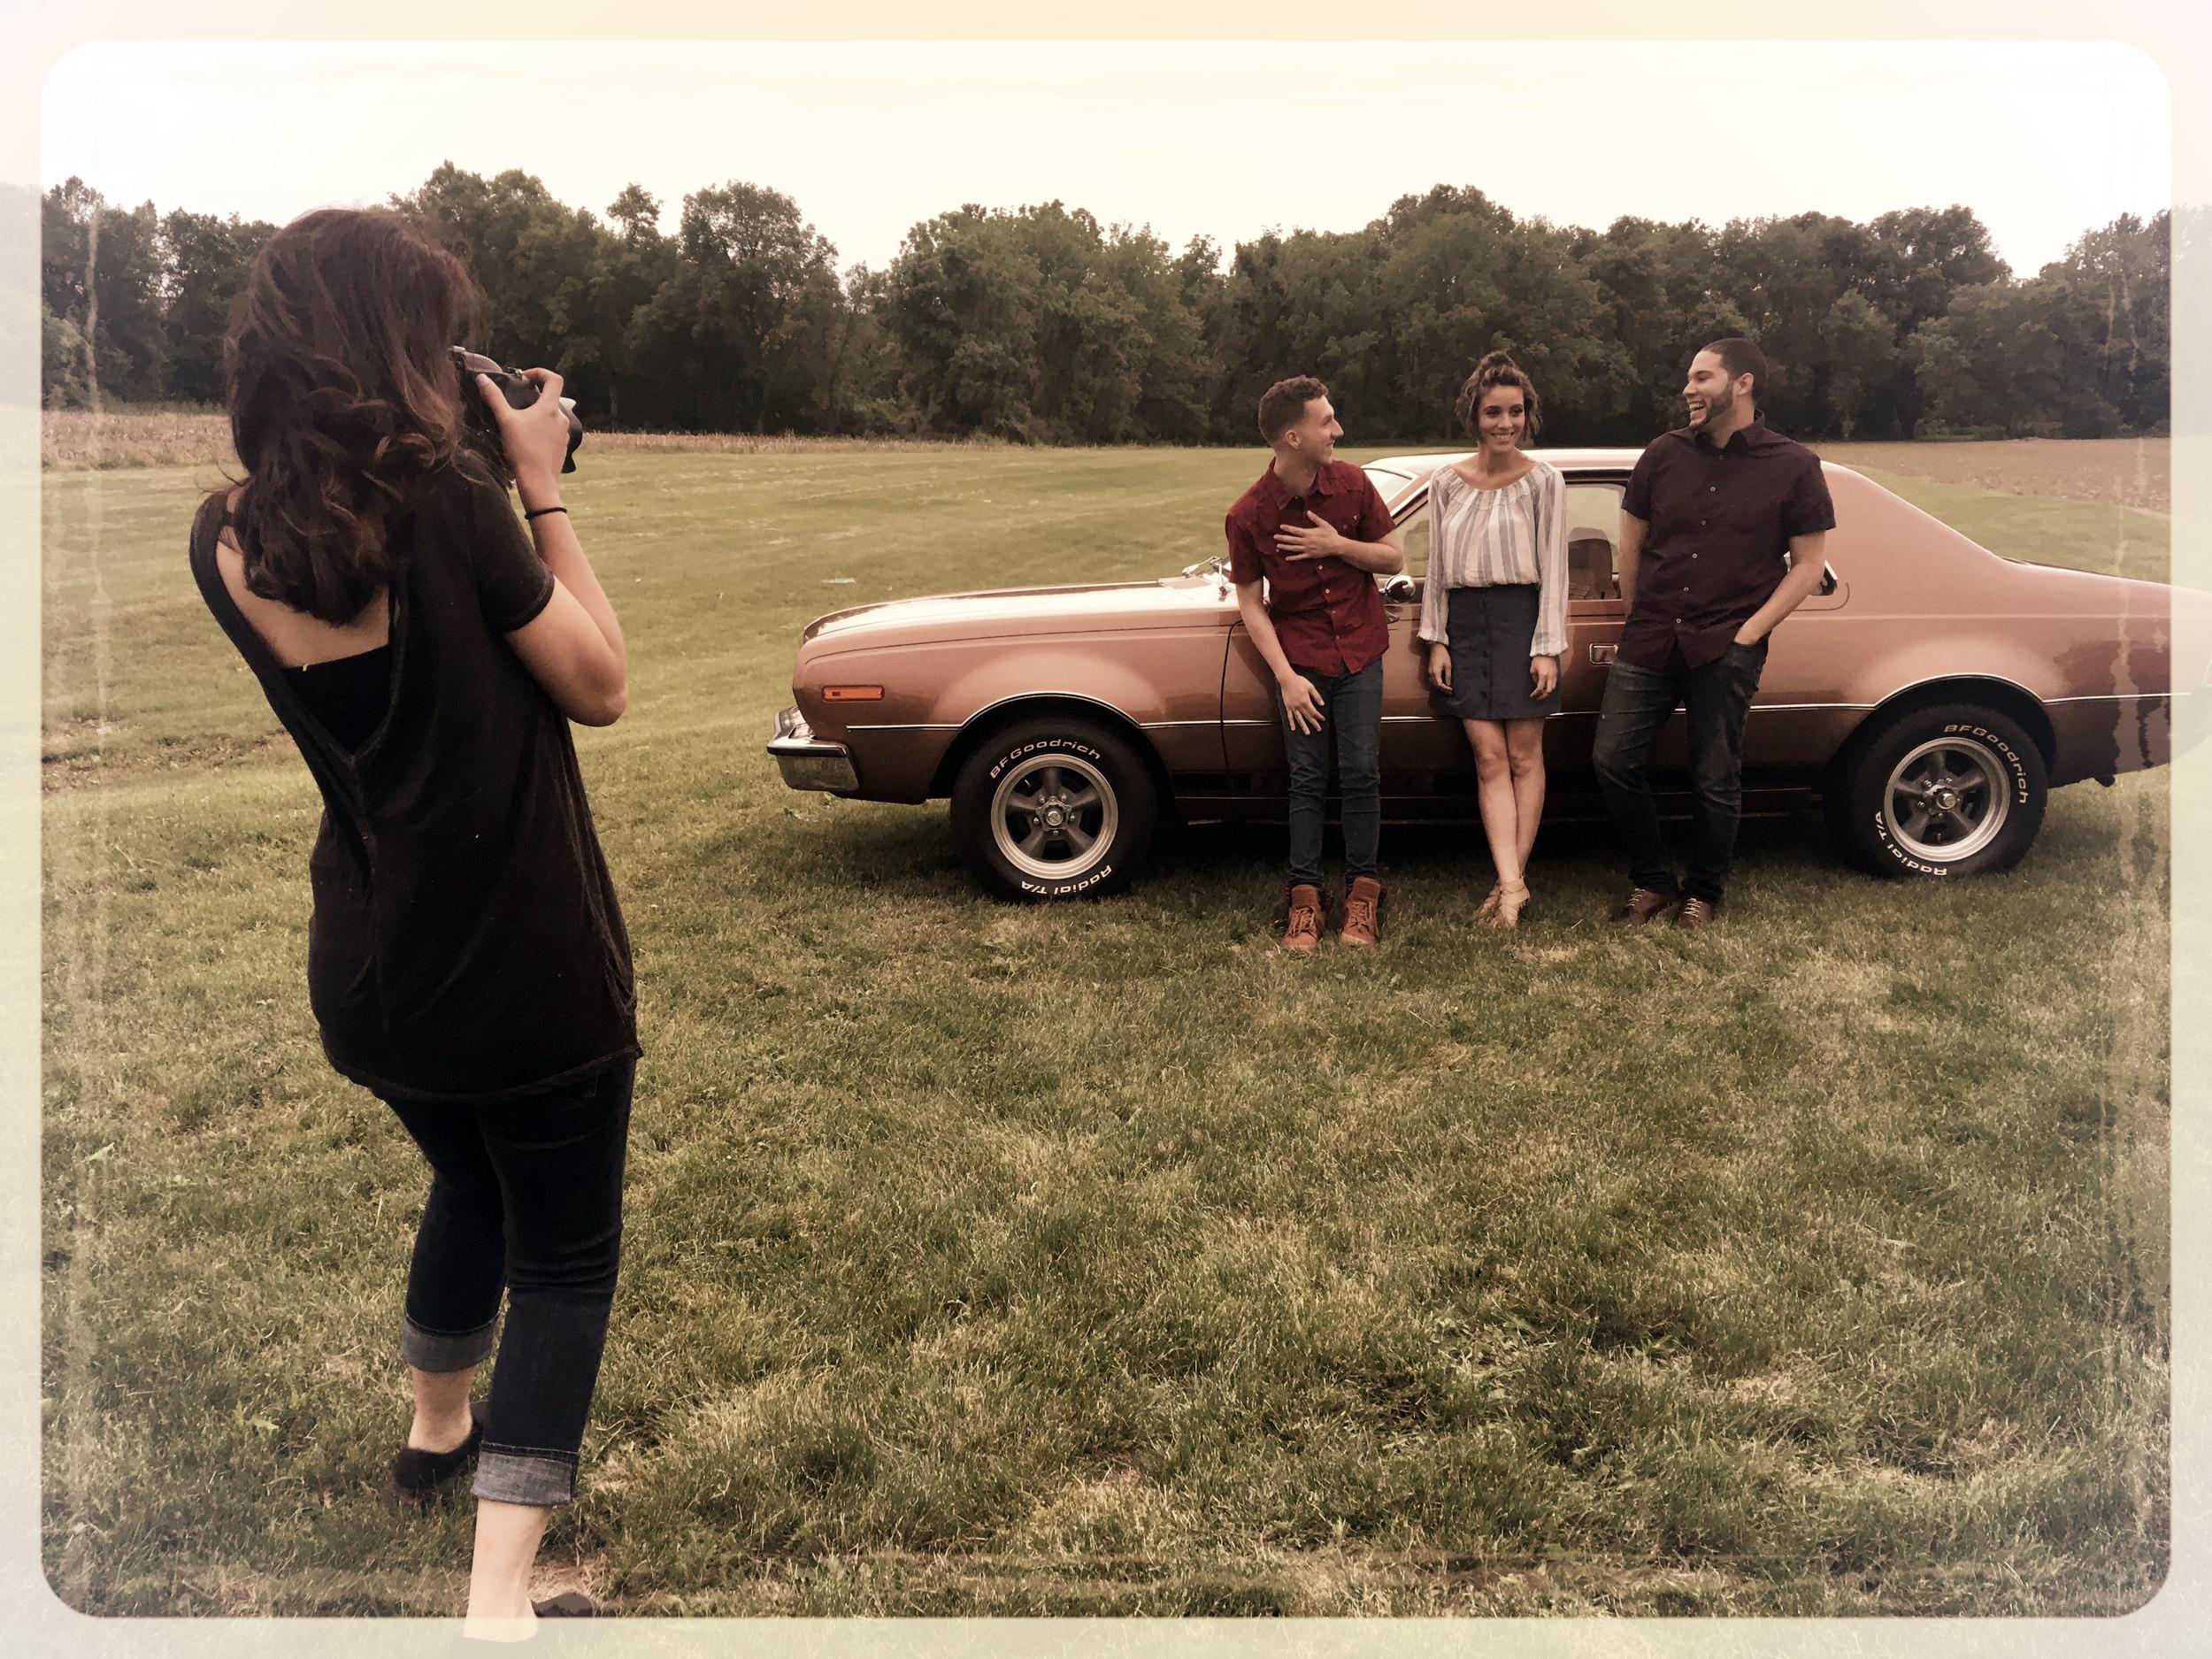 Kristen capturing the album cover shot!